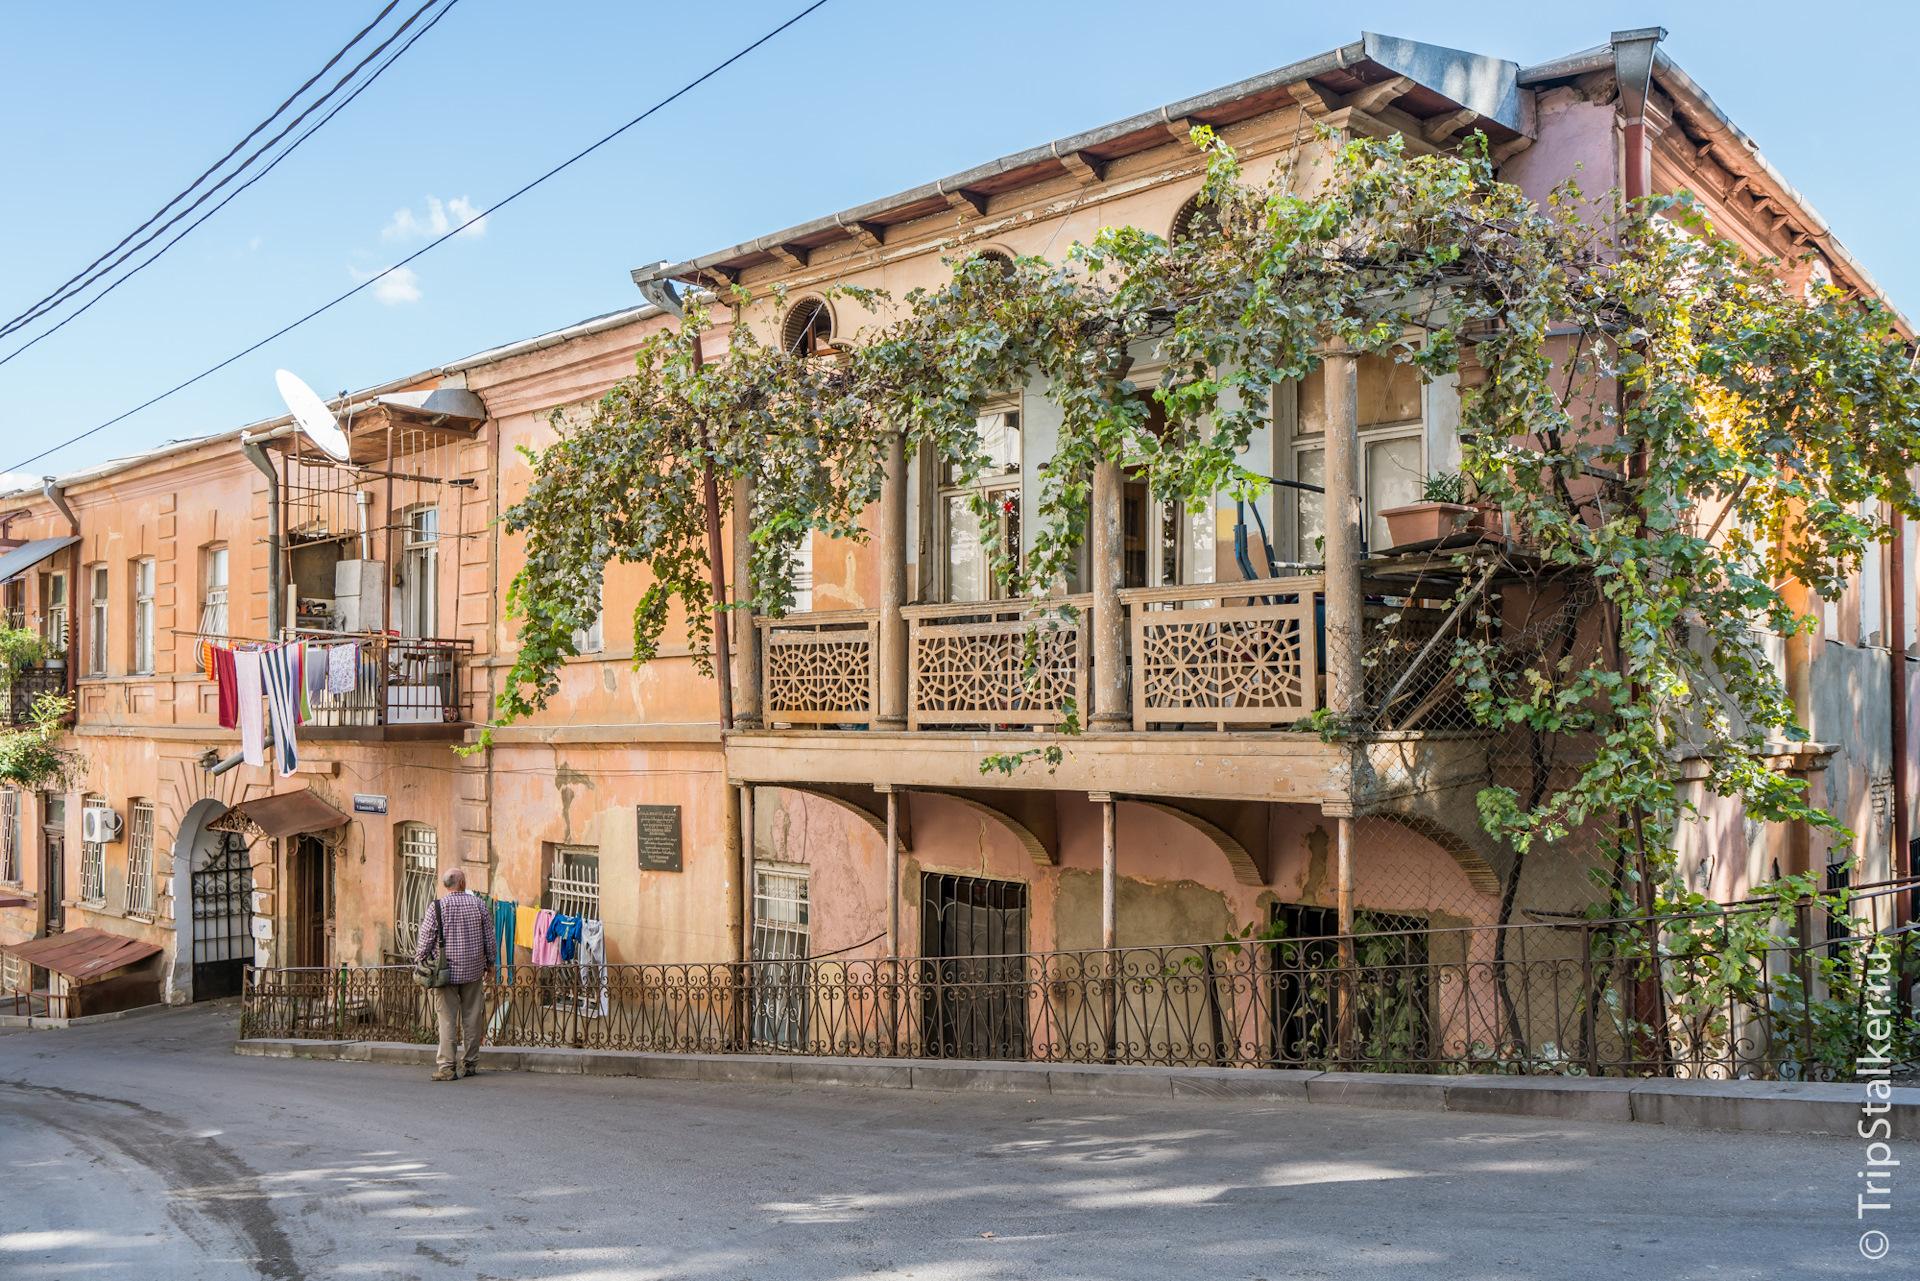 многих них старинные грузинские дома фото расцветка, приятная